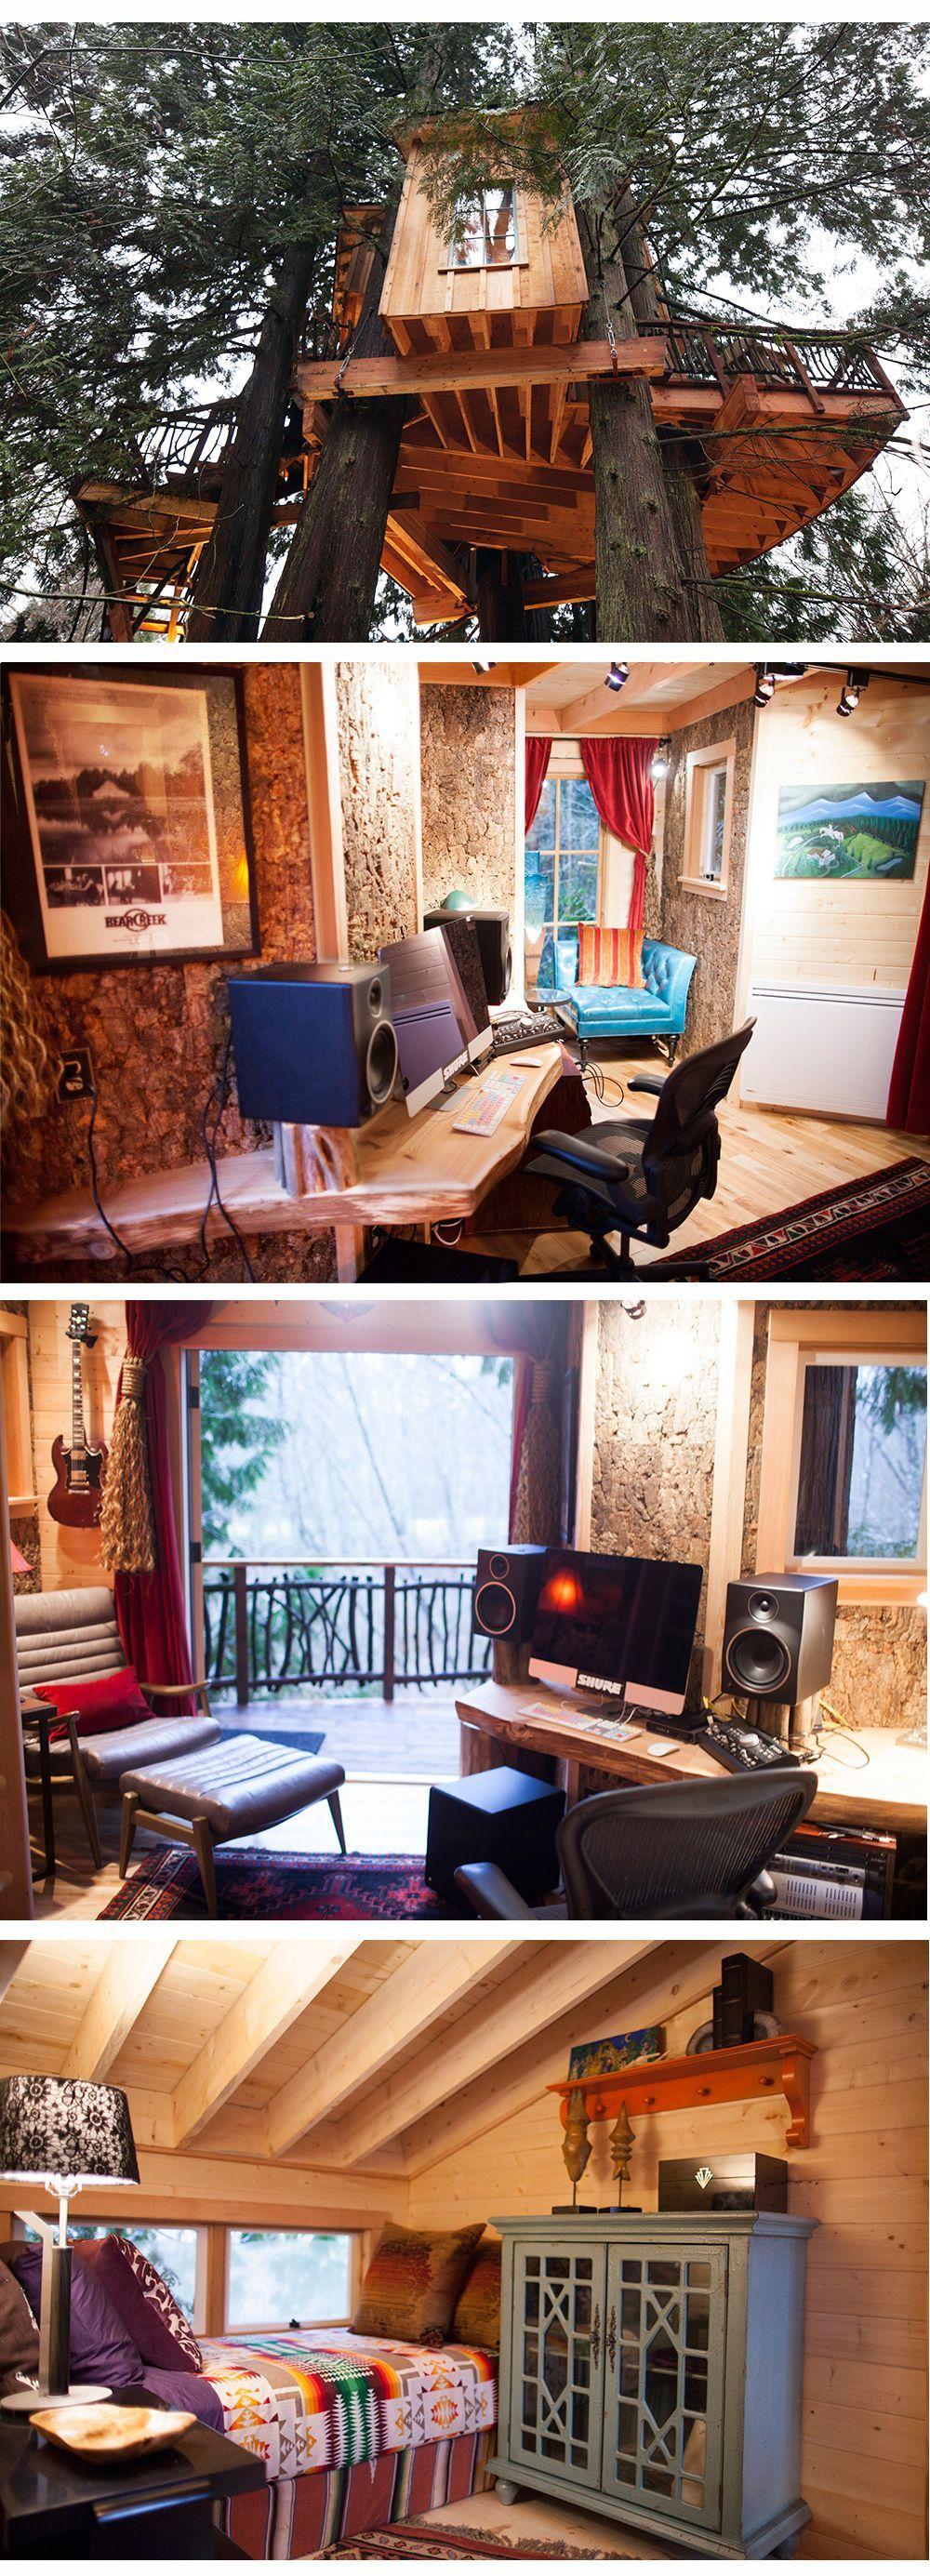 Music Studio Room Design: 71fdf3a149ddb6f662b954026fb464c9.jpg 1,000×2,770 Pixels